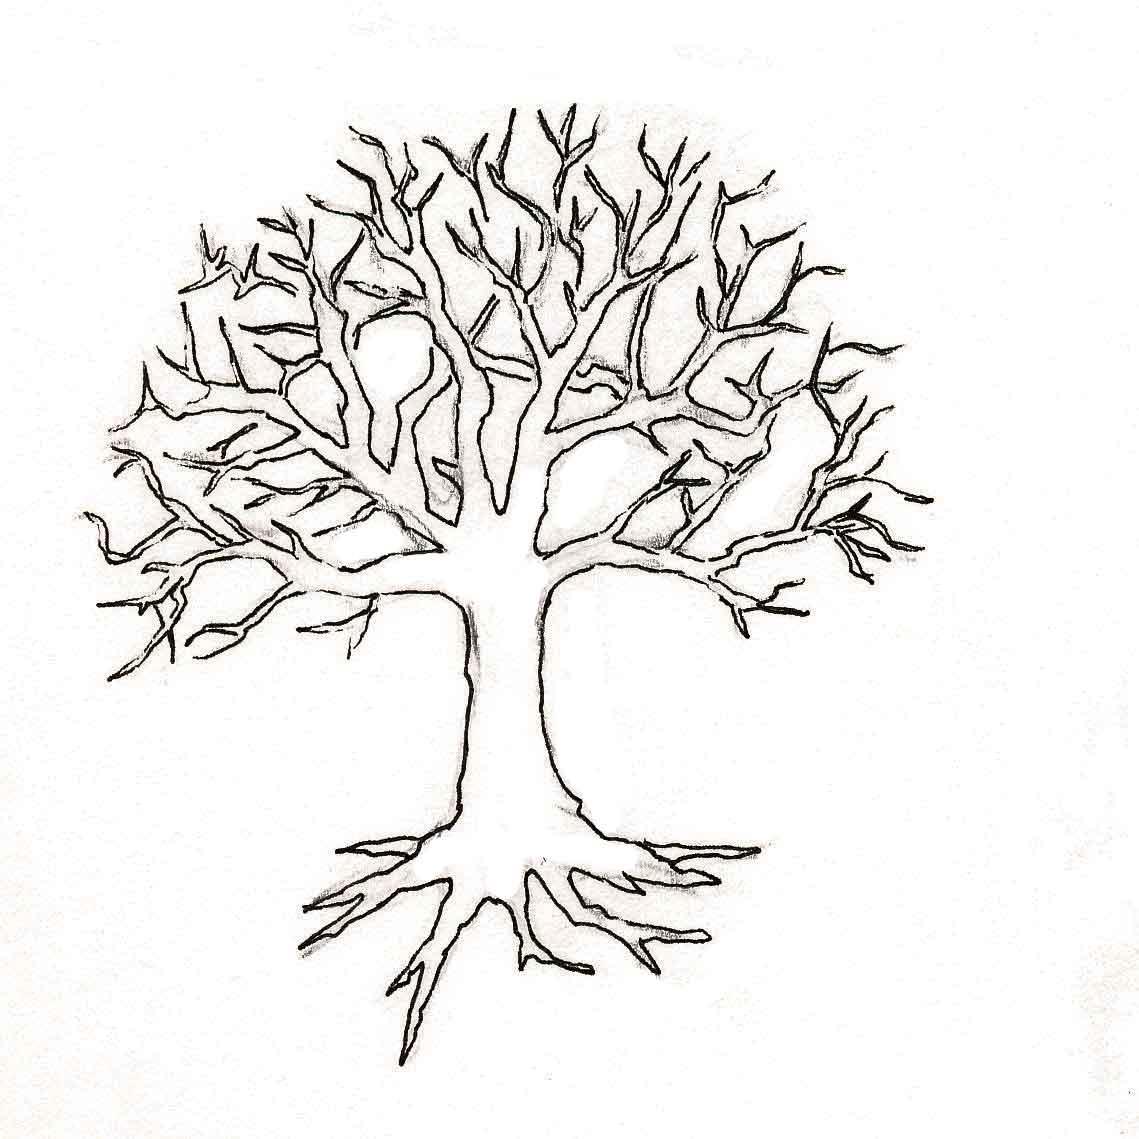 Дерево без листьев раскраска Детские раскраски, распечатать, скачать